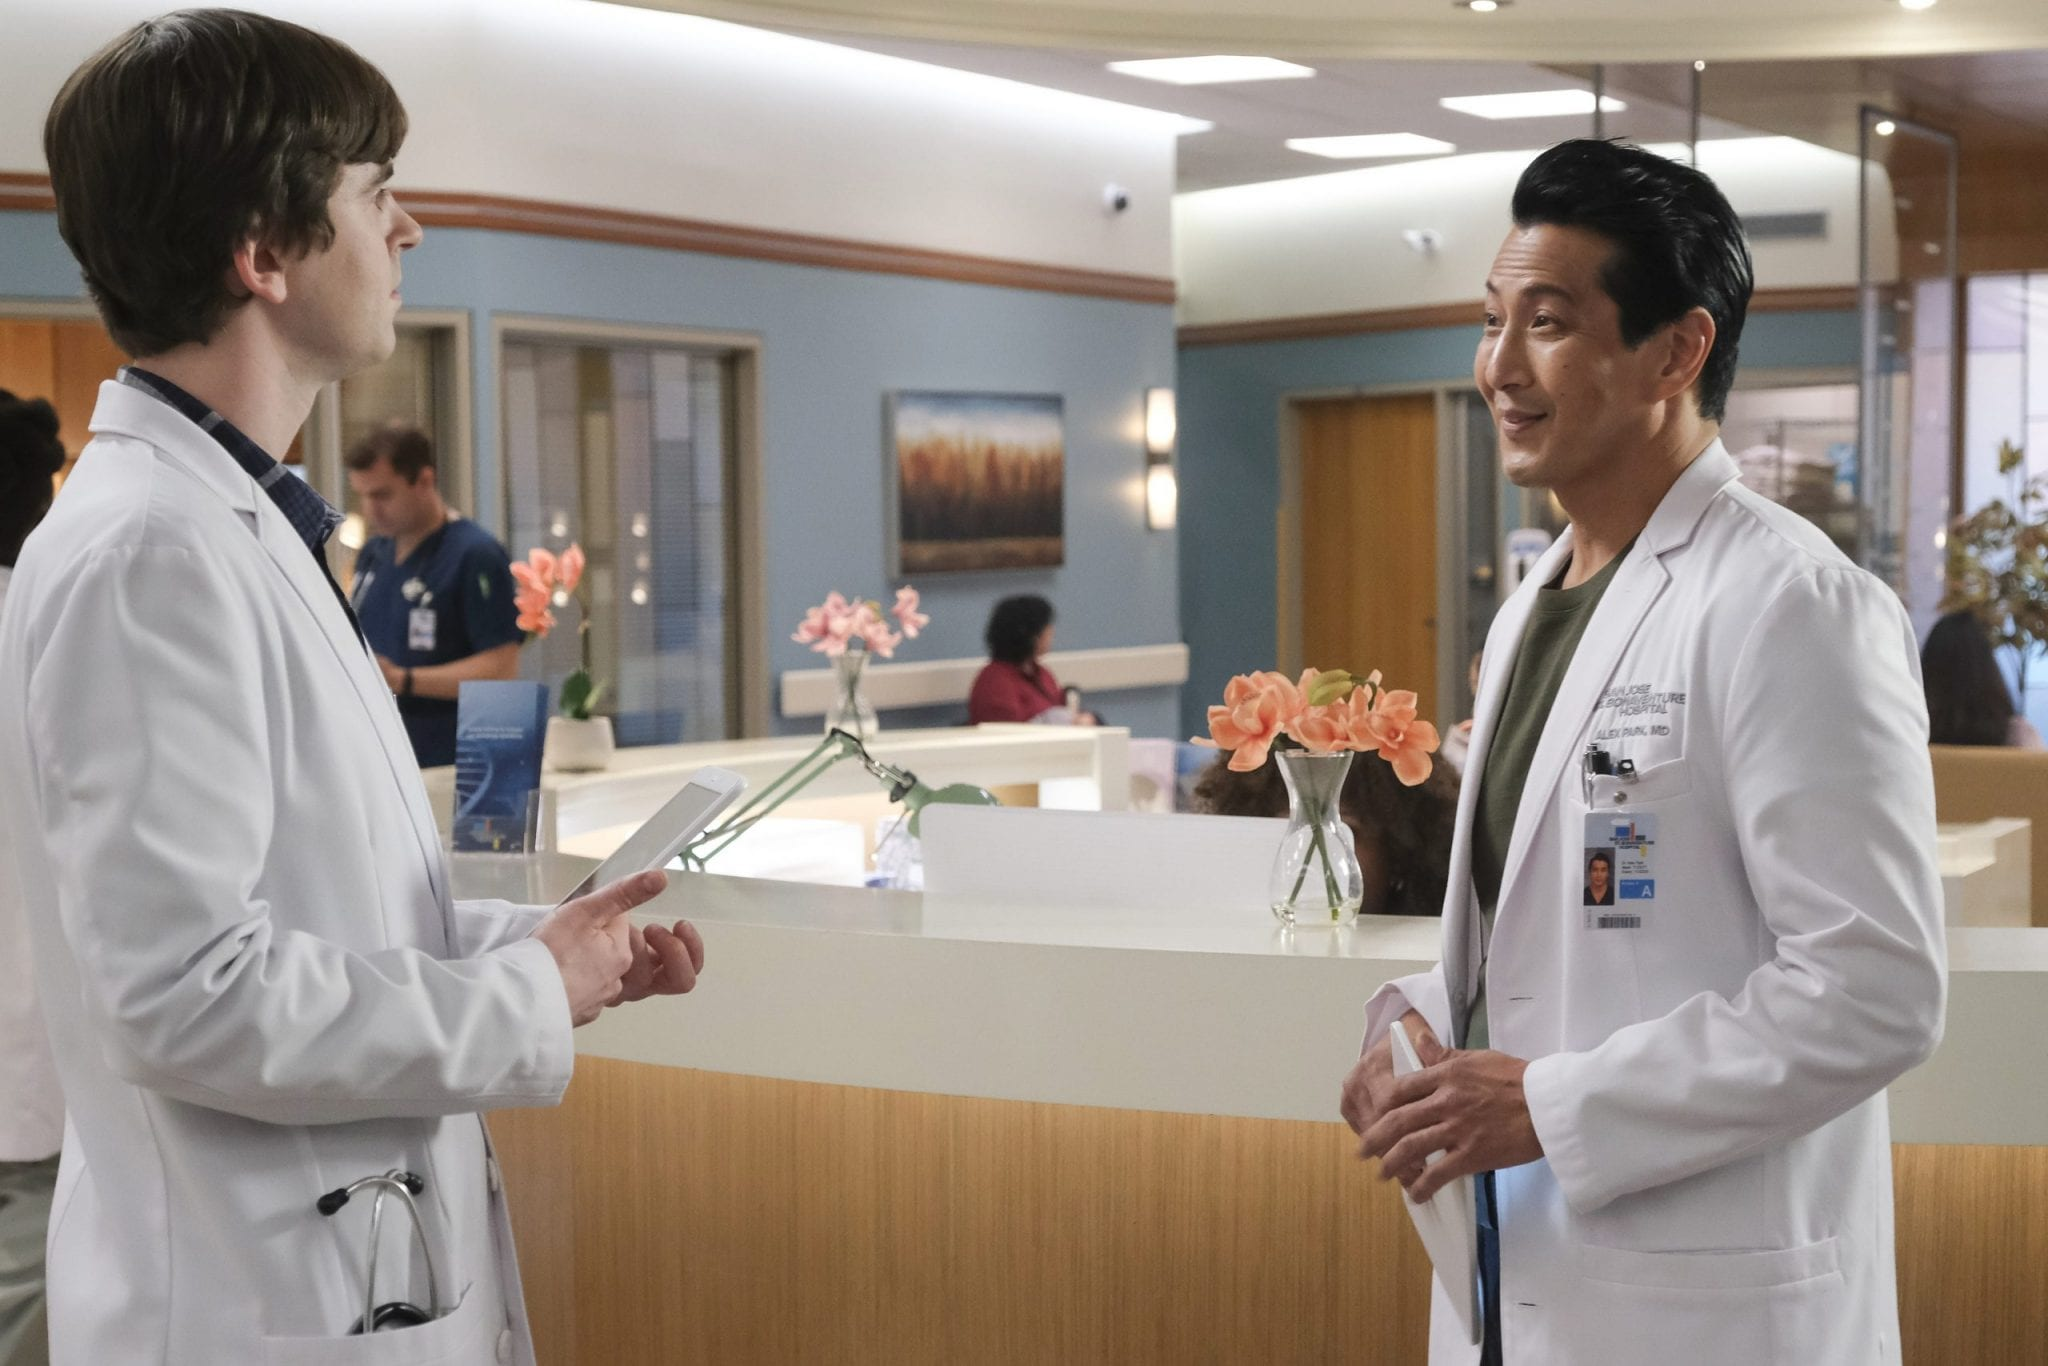 SerieTivu: The Good Doctor 4 nona serata. Con Freddie Highmore nei panni del dottor Shaun Murphy, in prima visione assoluta su RaiDue